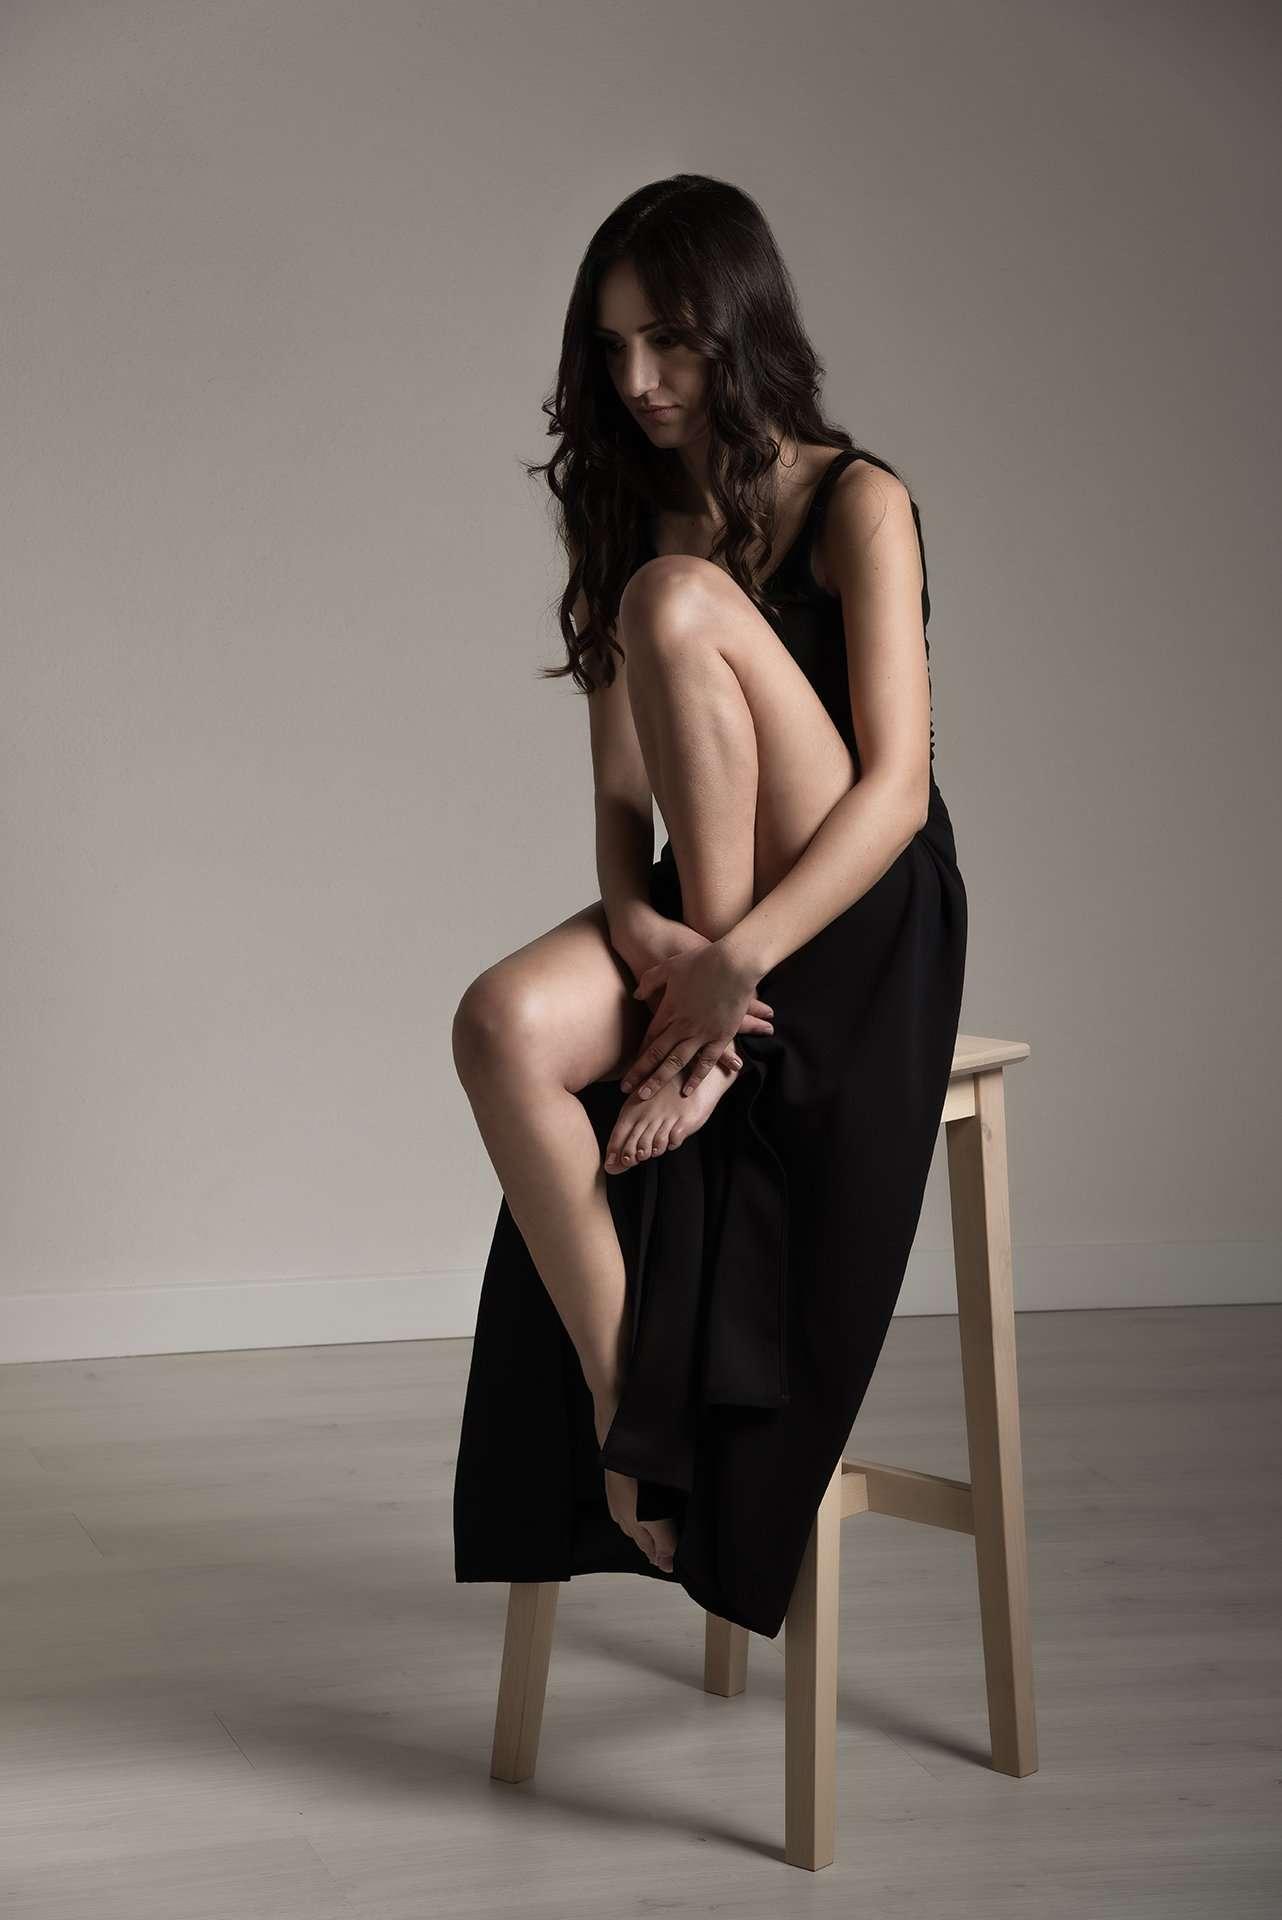 Fotografia donna su sgabello di Barbara Trincone fashion photographer di Napoli che offre servizi di moda, book per modelli e attori, ritratti glamour, fitness.